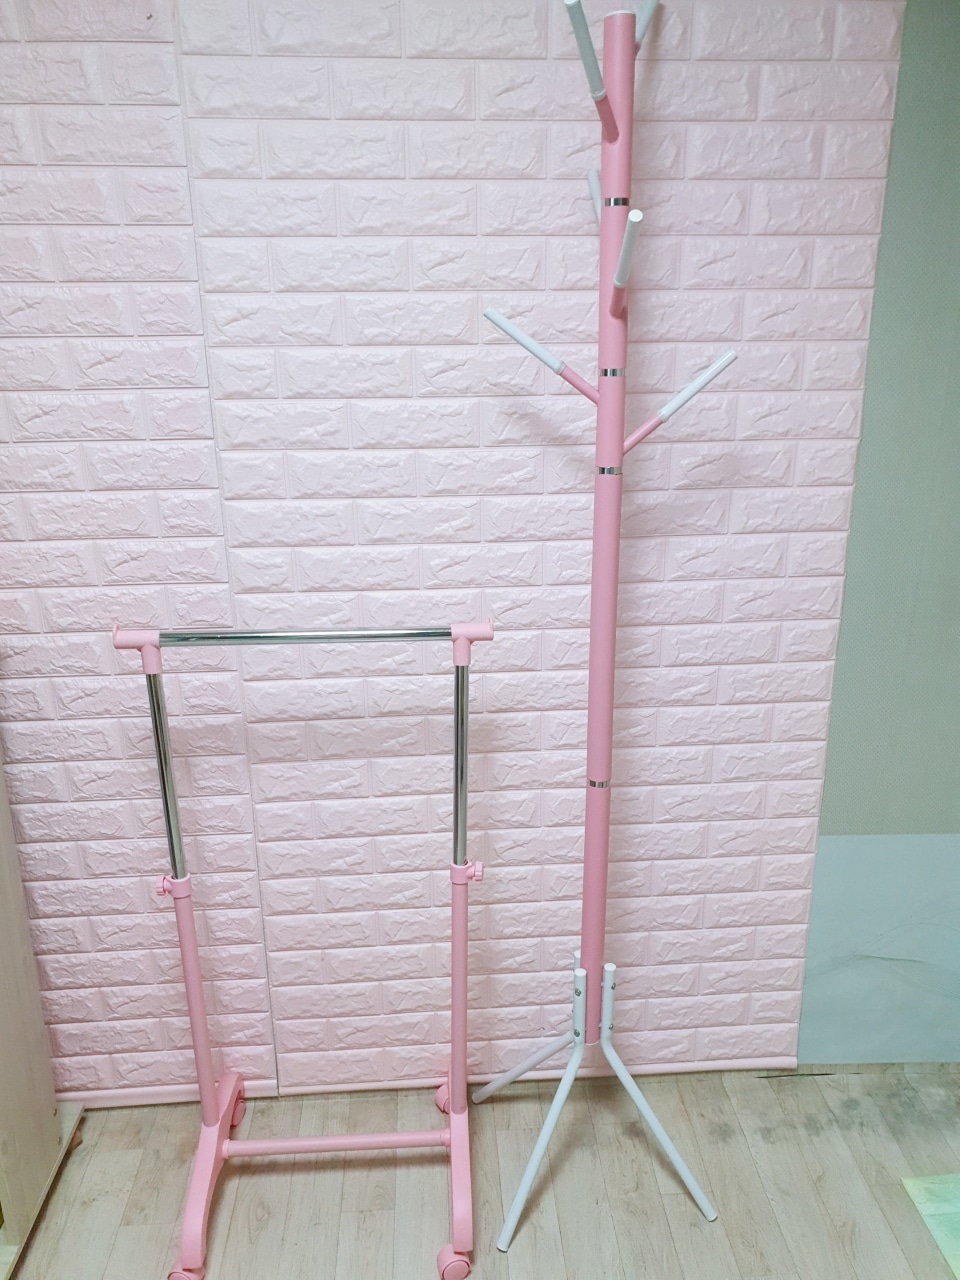 헹거 2개 유아헹거 핑크 행거 옷장